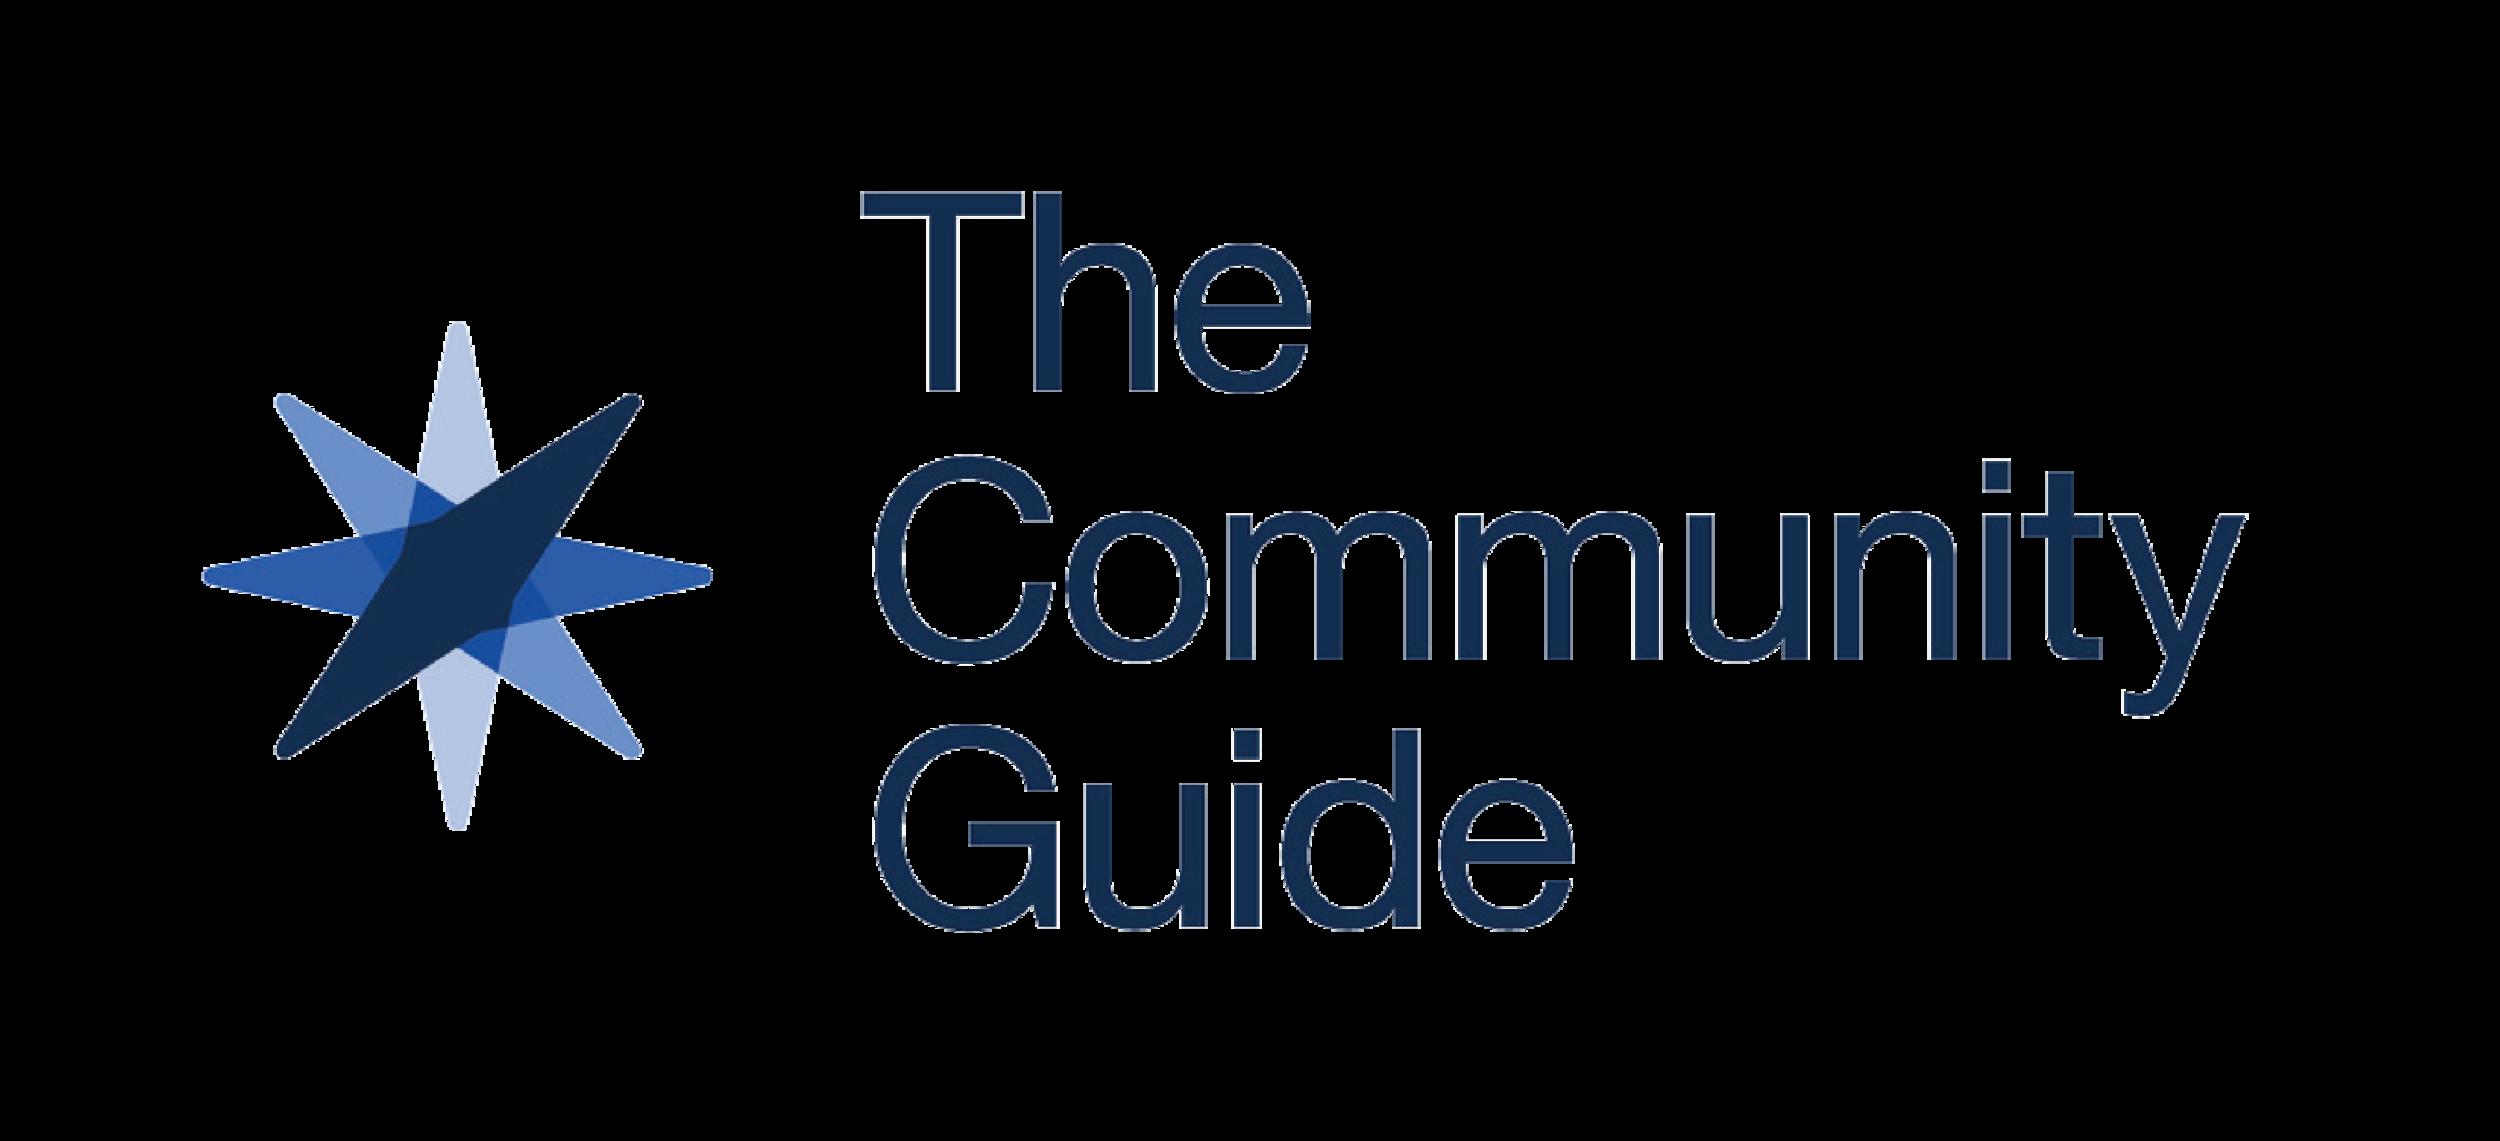 CommunityGuideLogo-15.jpg